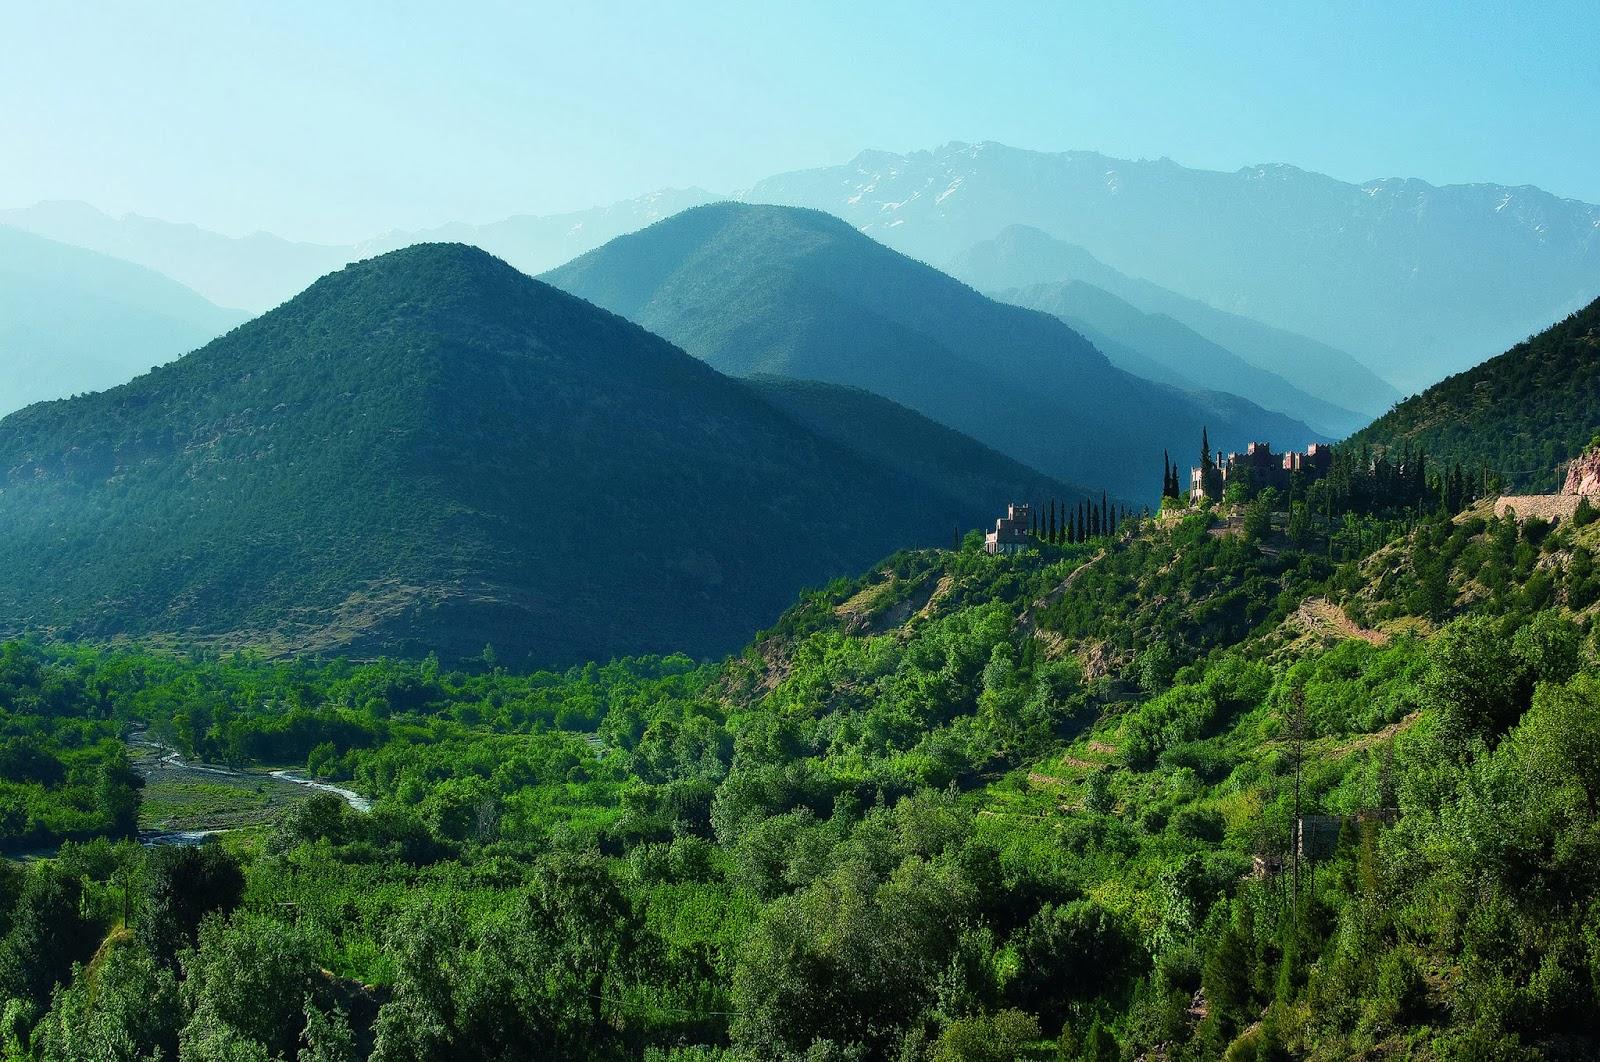 1001 Nacht reise in Marokko - Ritz Reisen